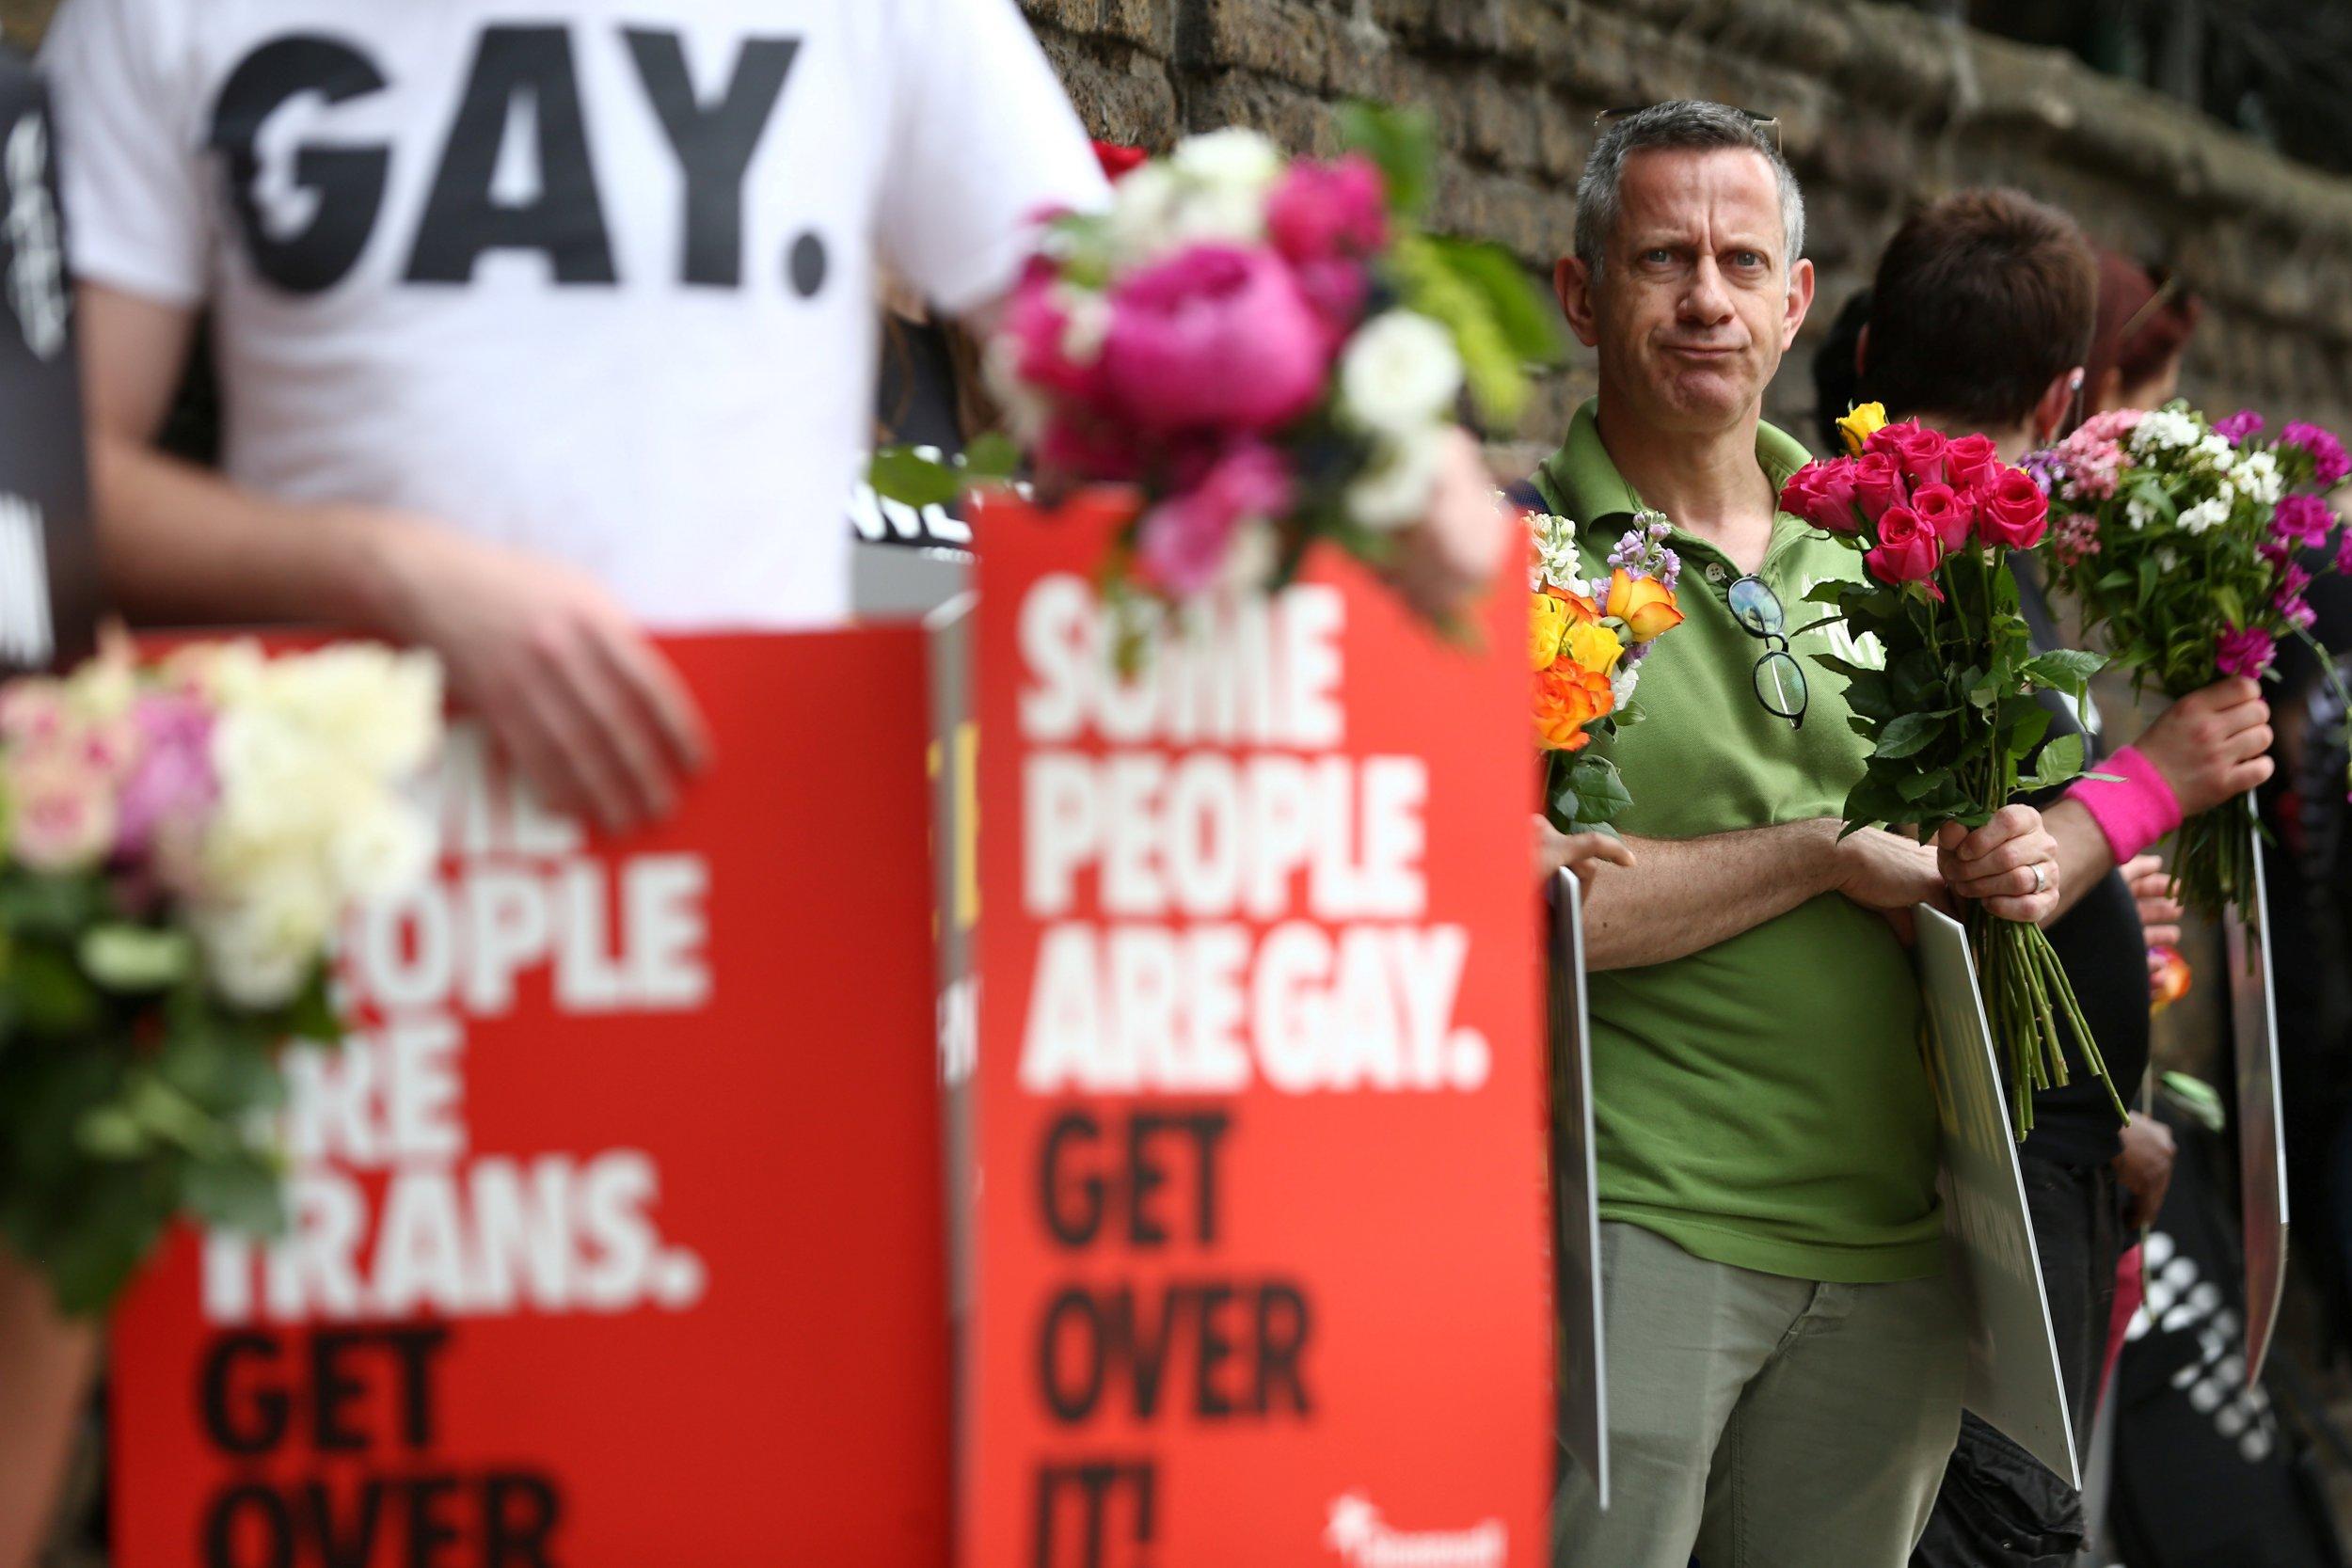 10_23_Chechnya_gay_rights